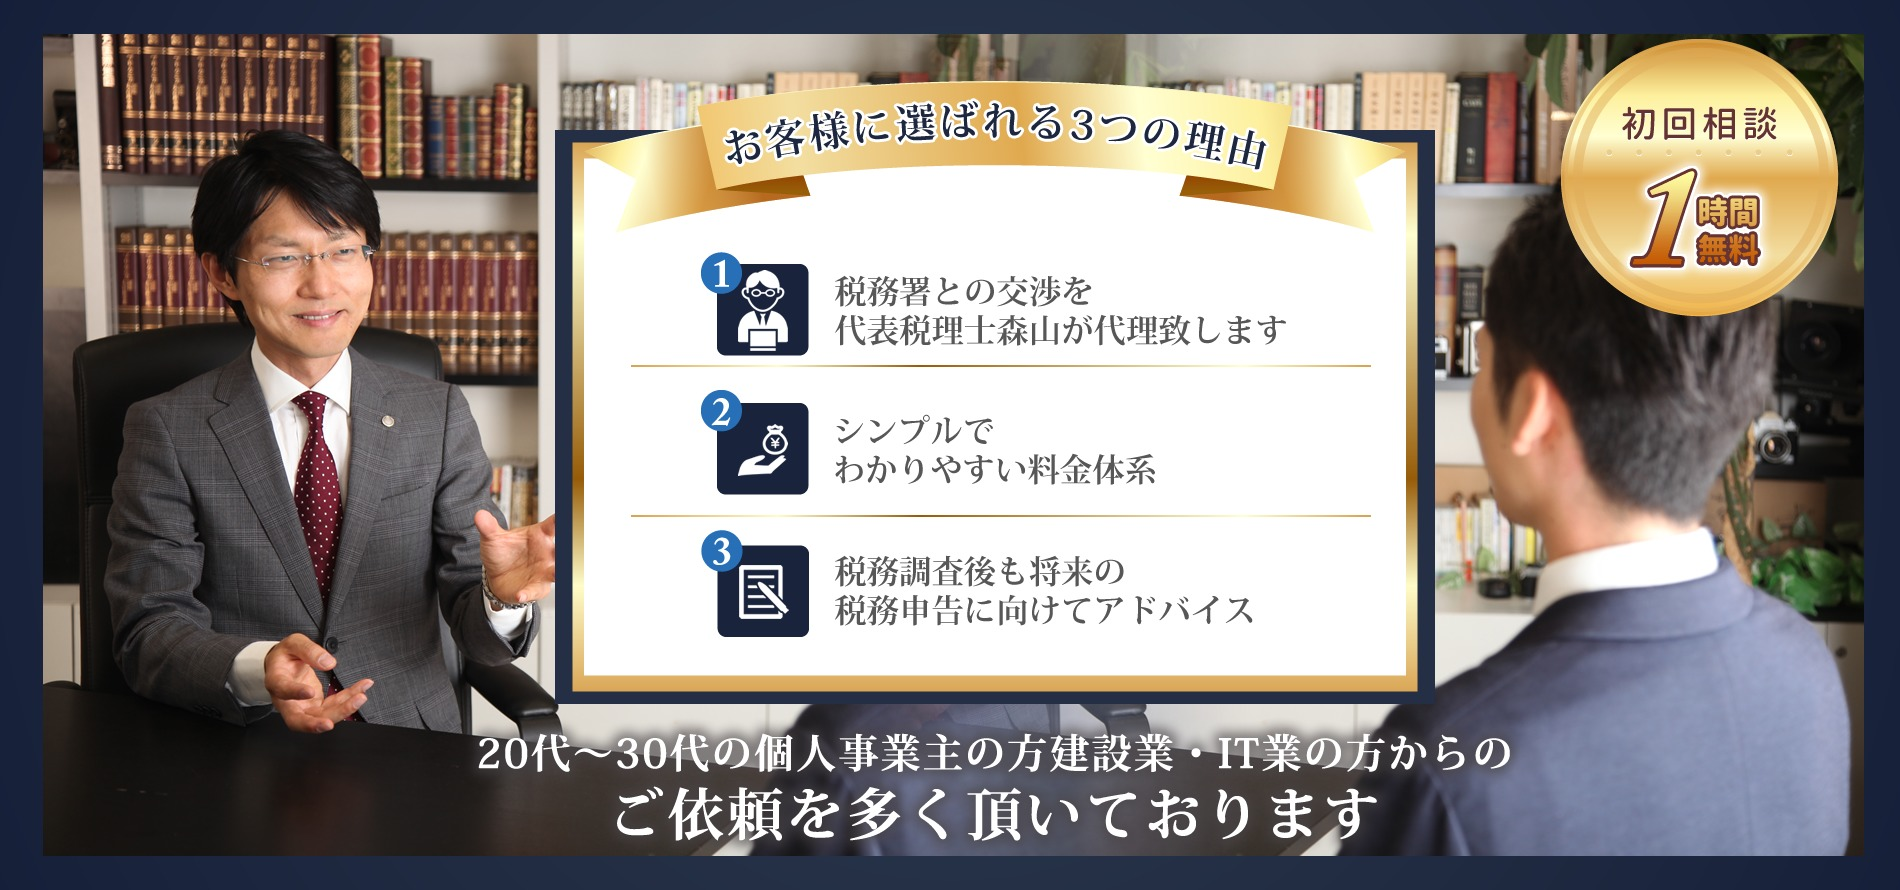 羽島 税理士